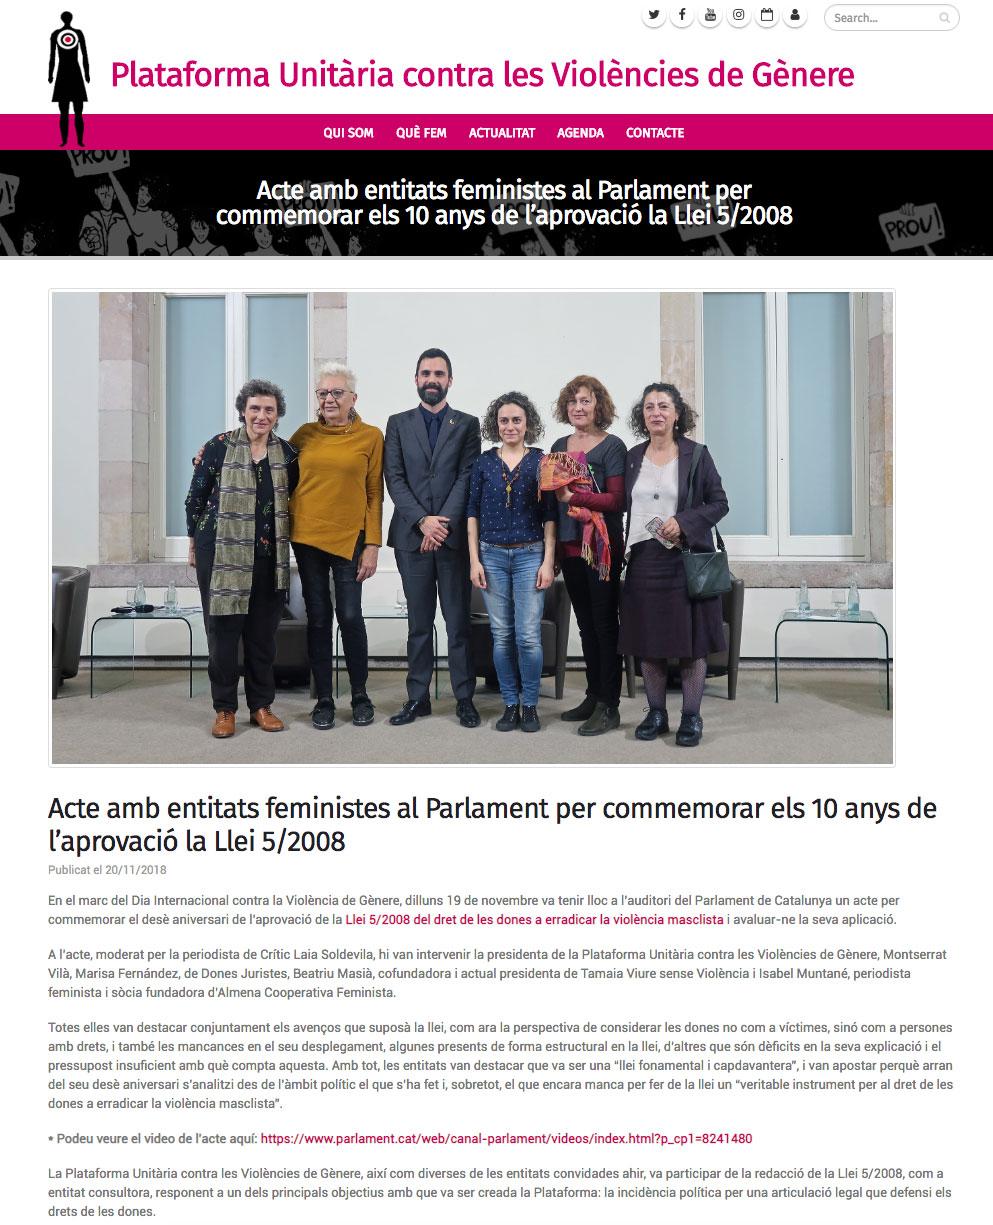 Acte amb entitats feministes al Parlament per commemorar els 10 anys de l'aprovació la Llei 5/2008